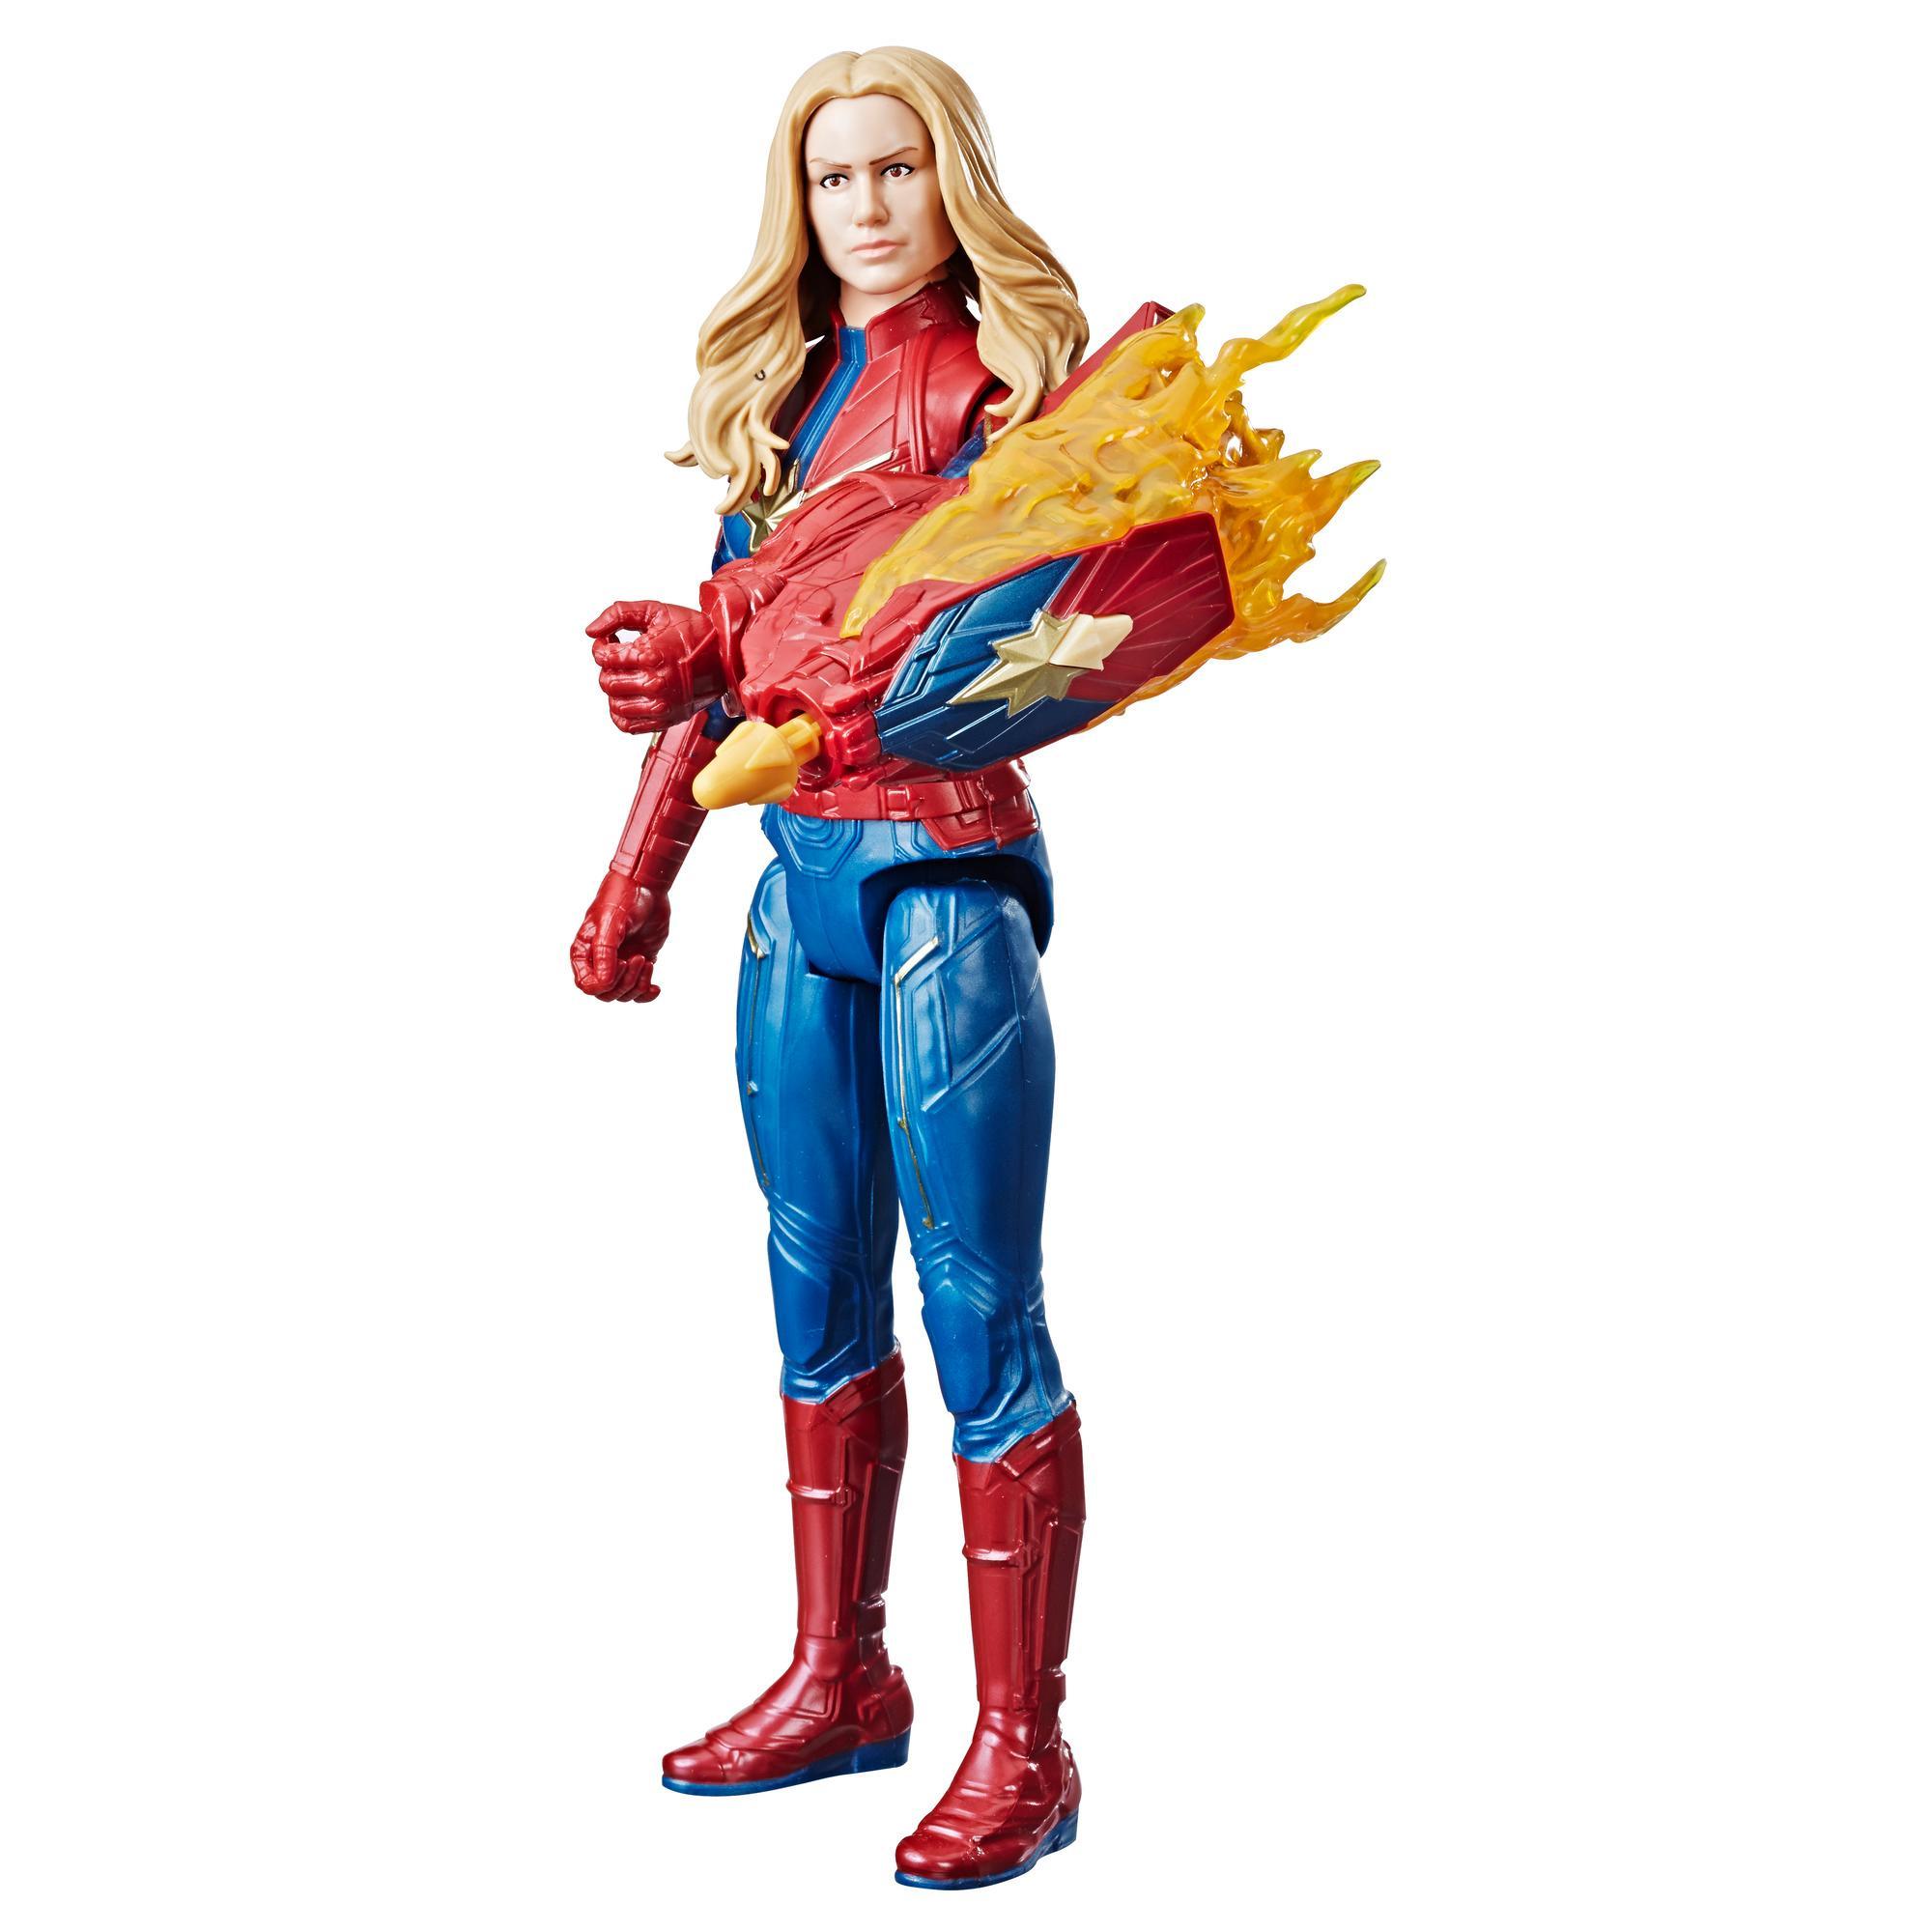 Marvel Avengers: Endgame - Captain Marvel Titan Hero con Power FX incluso (Action Figure da 30 cm)